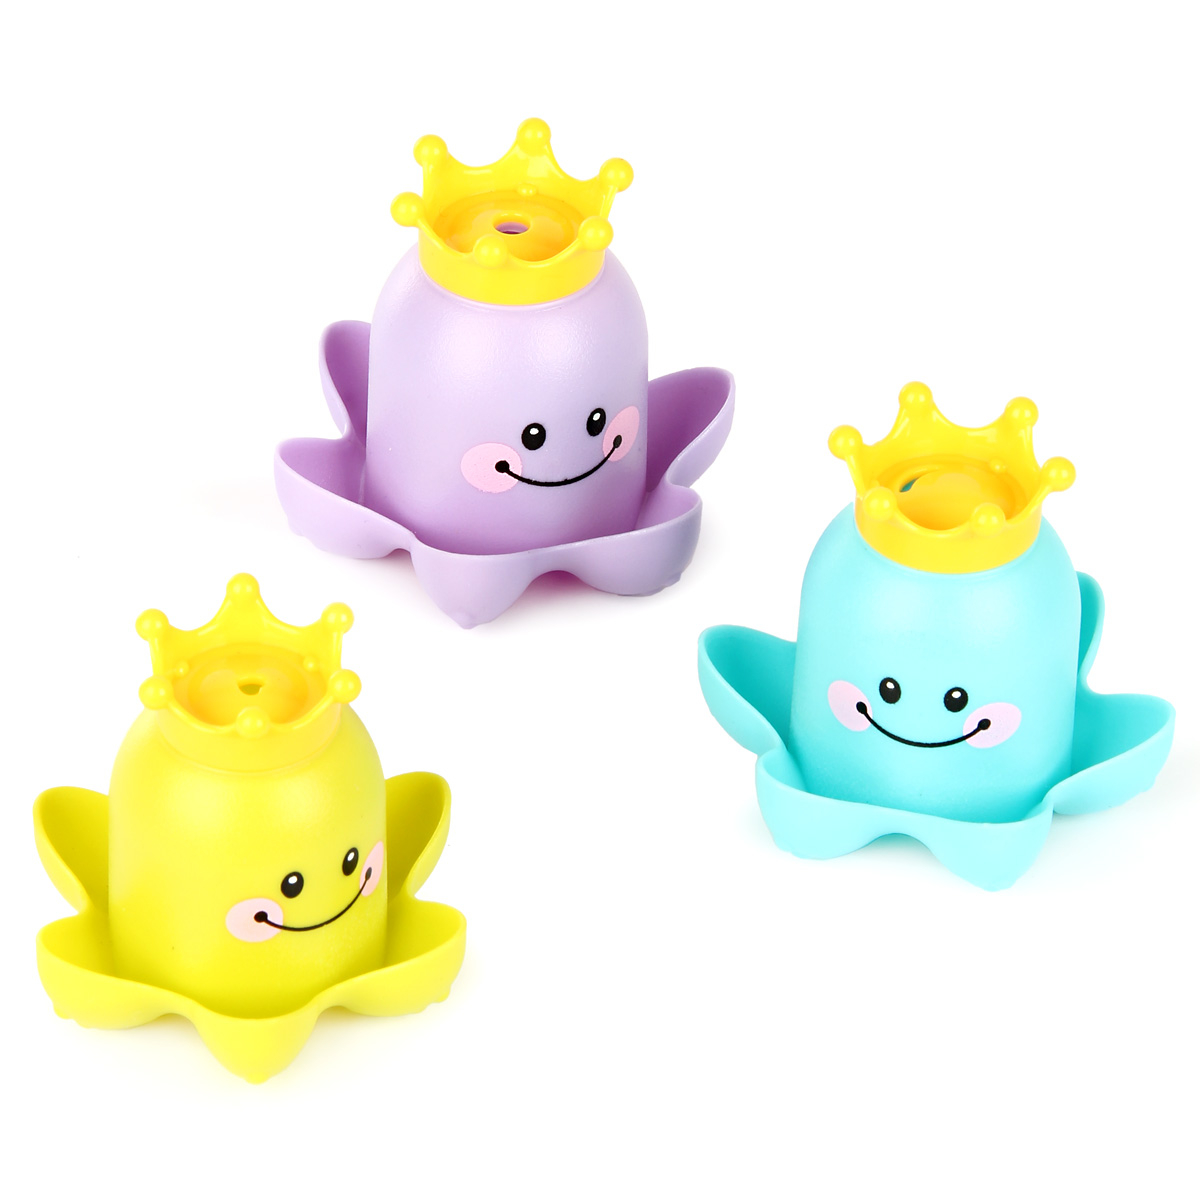 Игрушки для ванной Ути Пути Морские обитатели ути пути набор погремушек гремелки звенелки цвет красный желтый 2 шт